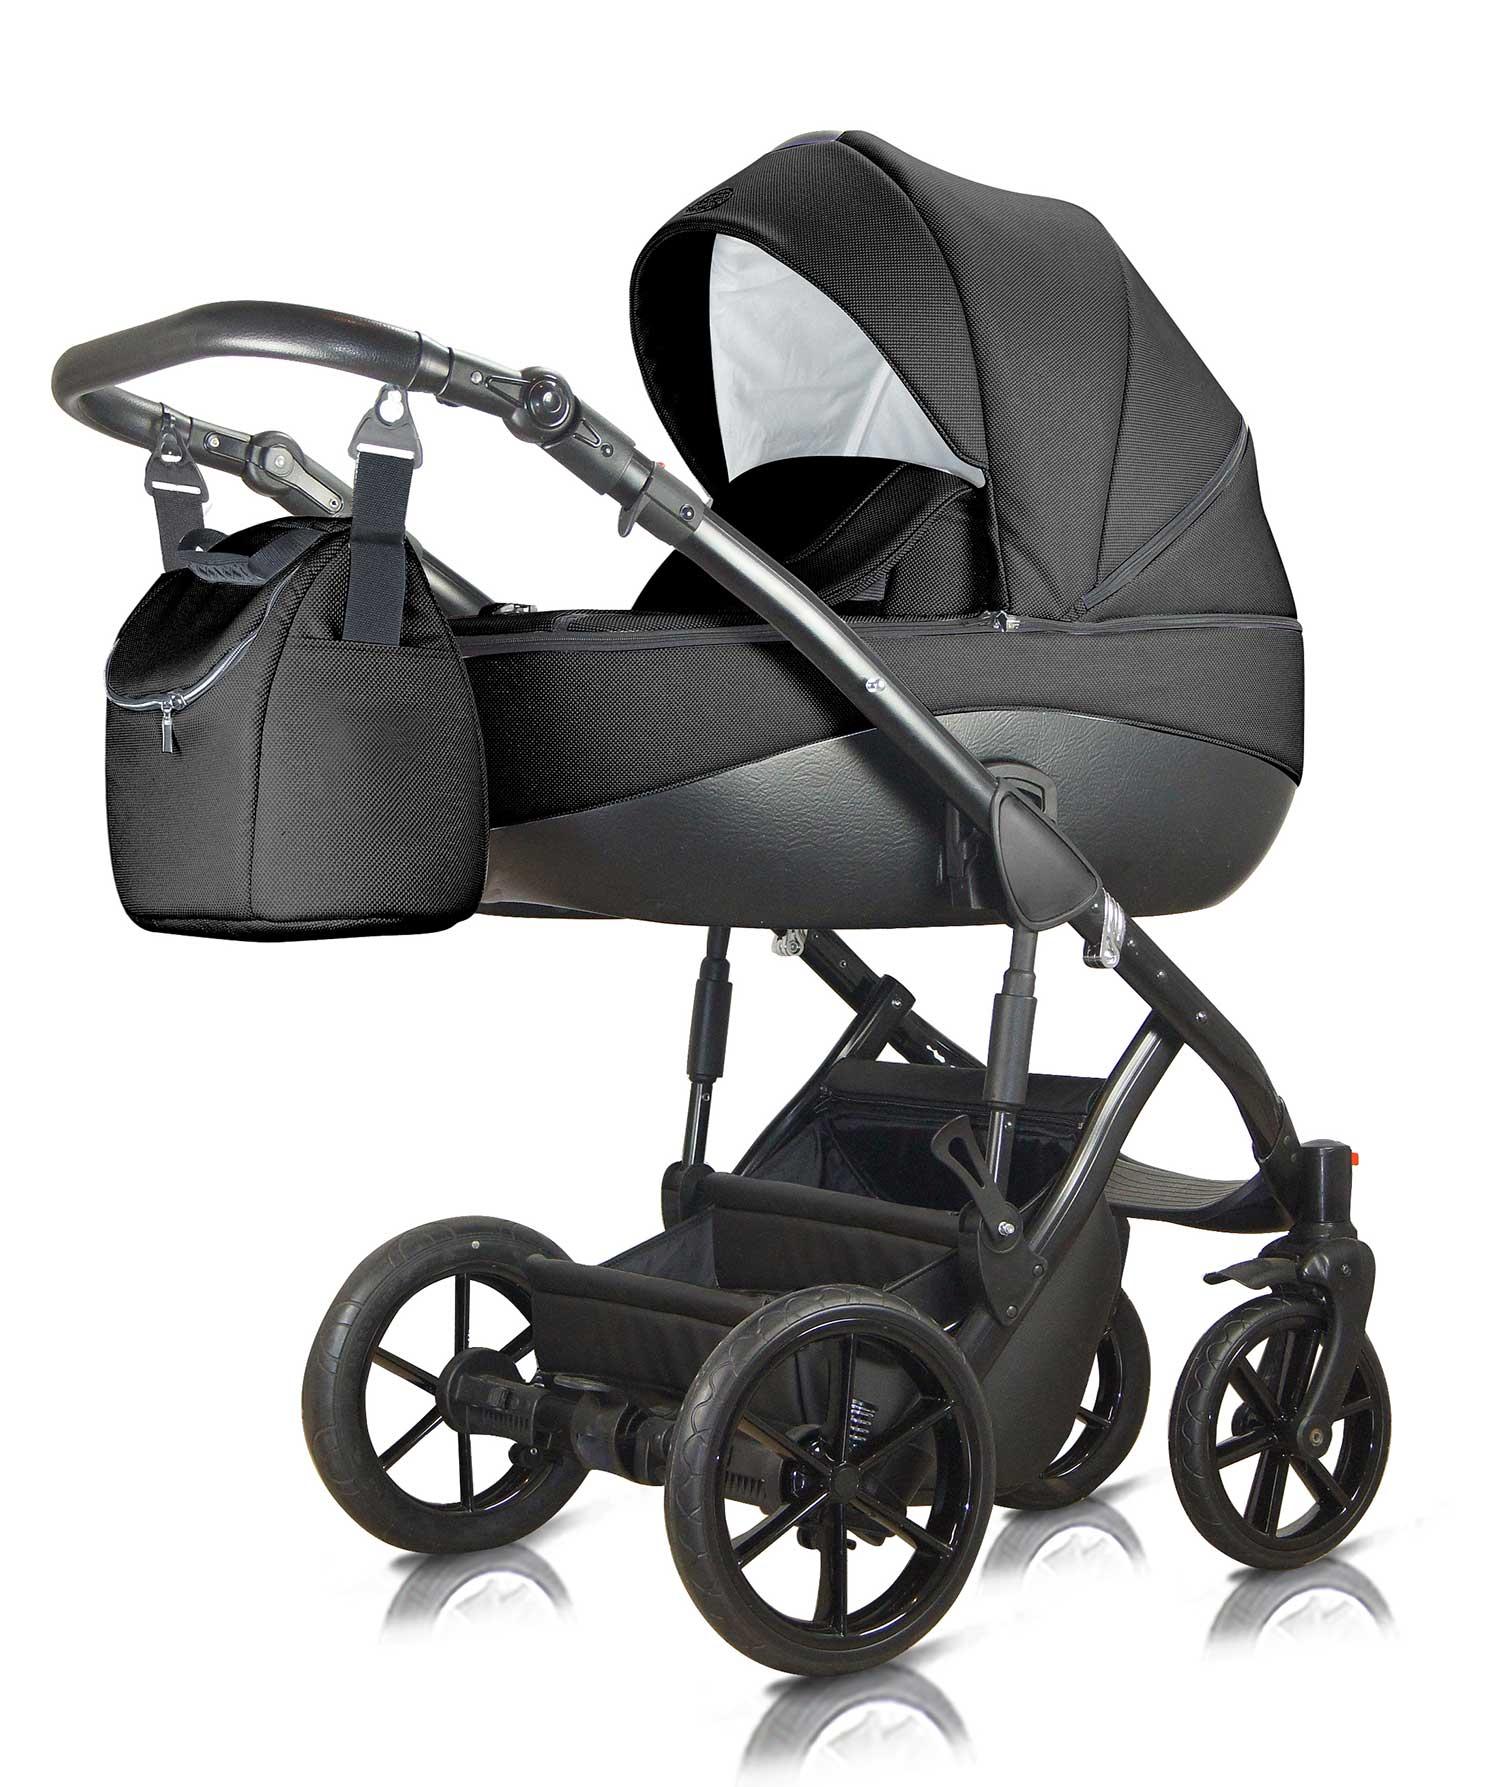 wózek dziecięcy wielofunkcyjny Milu Kids Bacio czarny